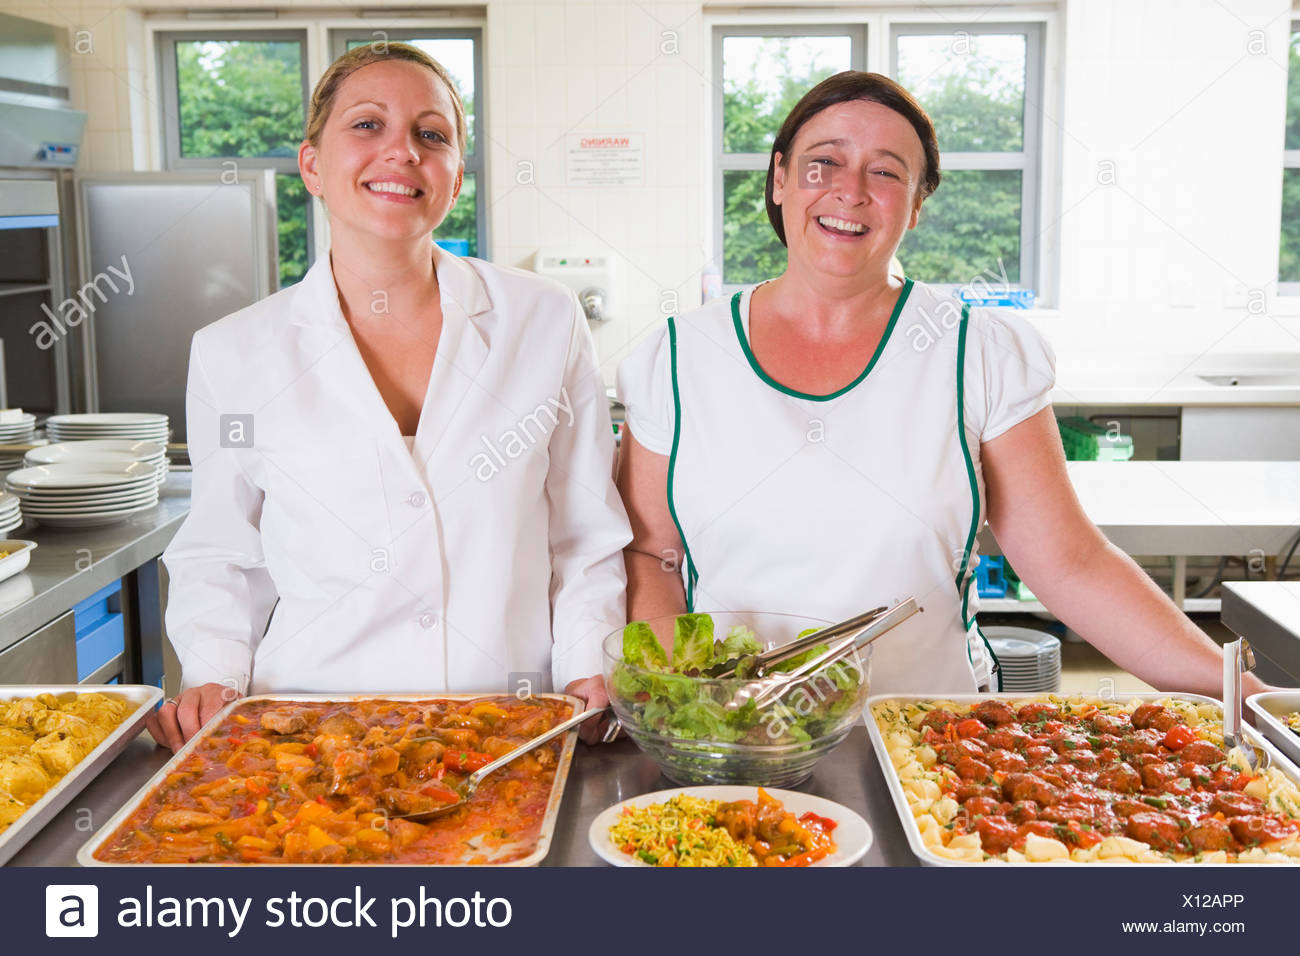 Zwei Damen hinter Tankstelle Mittagessen Mittagessen Stockbild